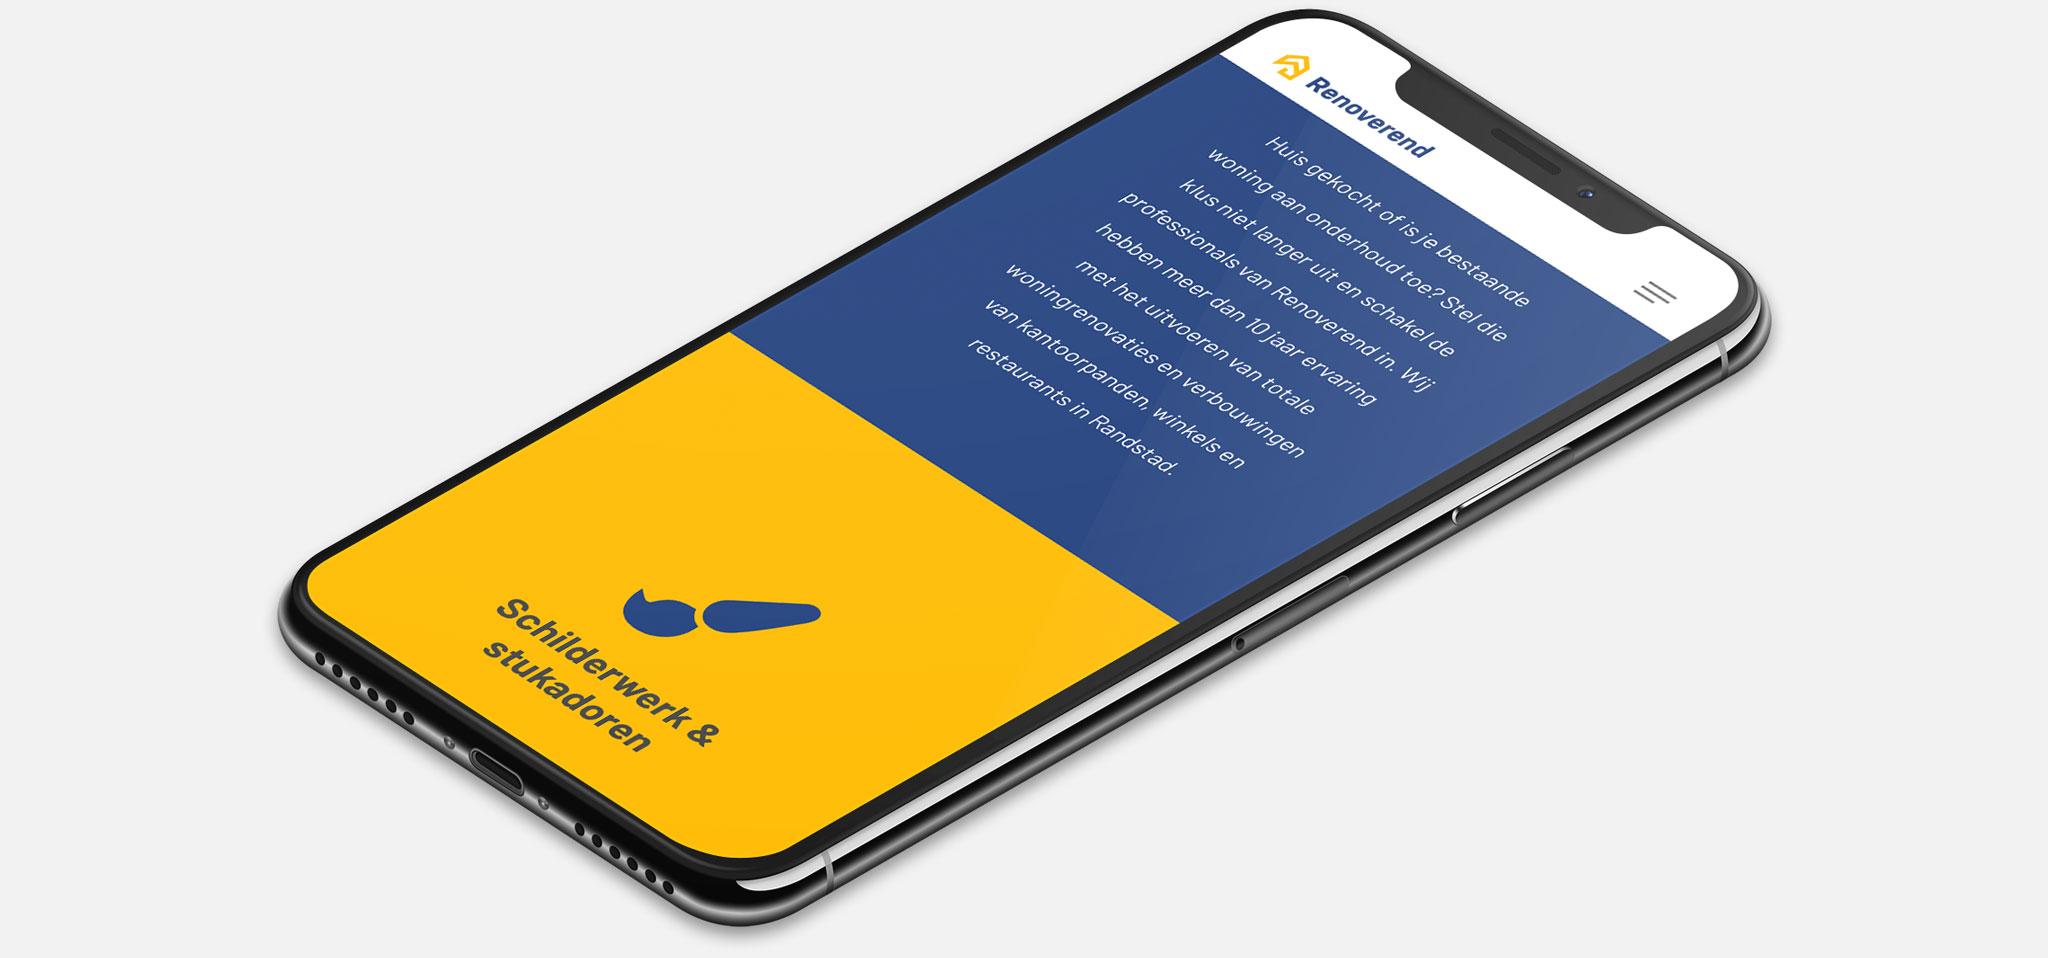 Strona internetowa Renoverend wwersji naurządzenia mobilne - smartfon, tablet